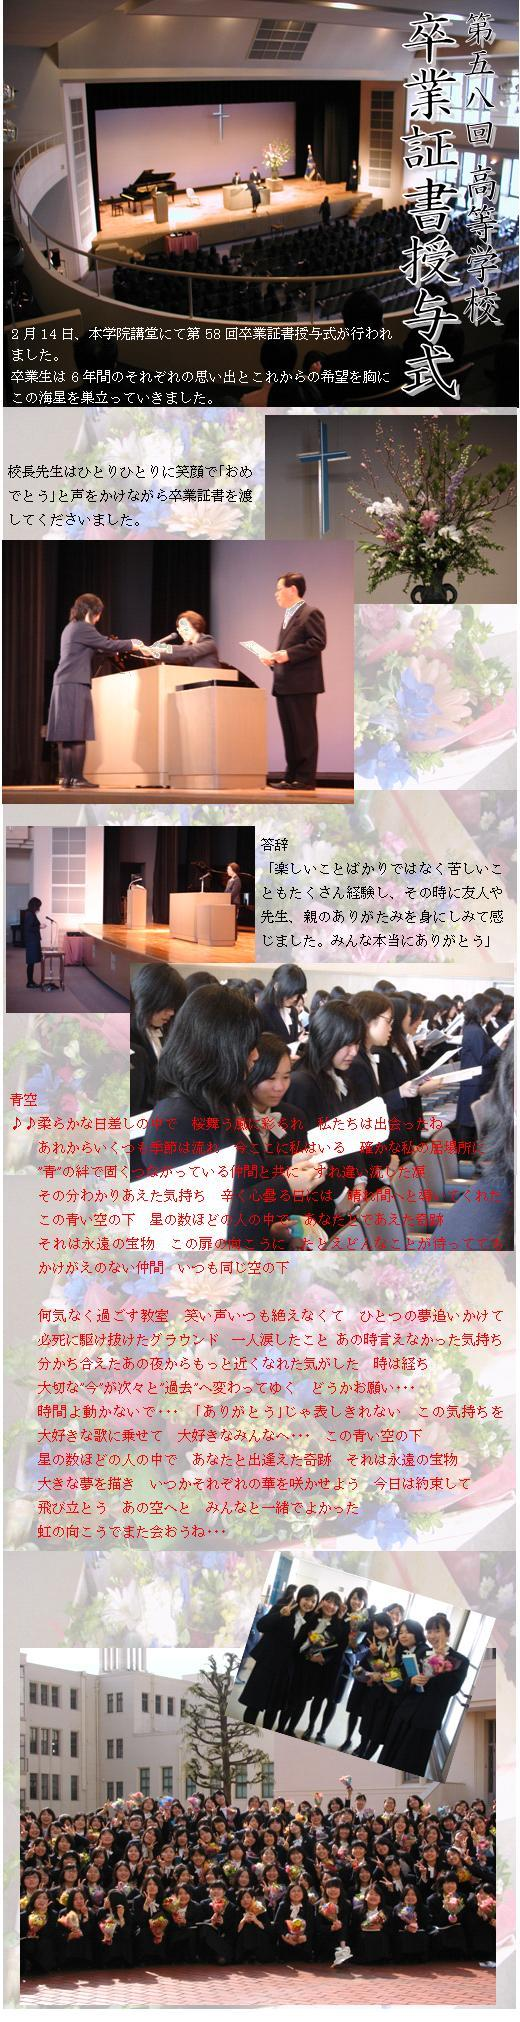 2009sotugyousiki.JPG